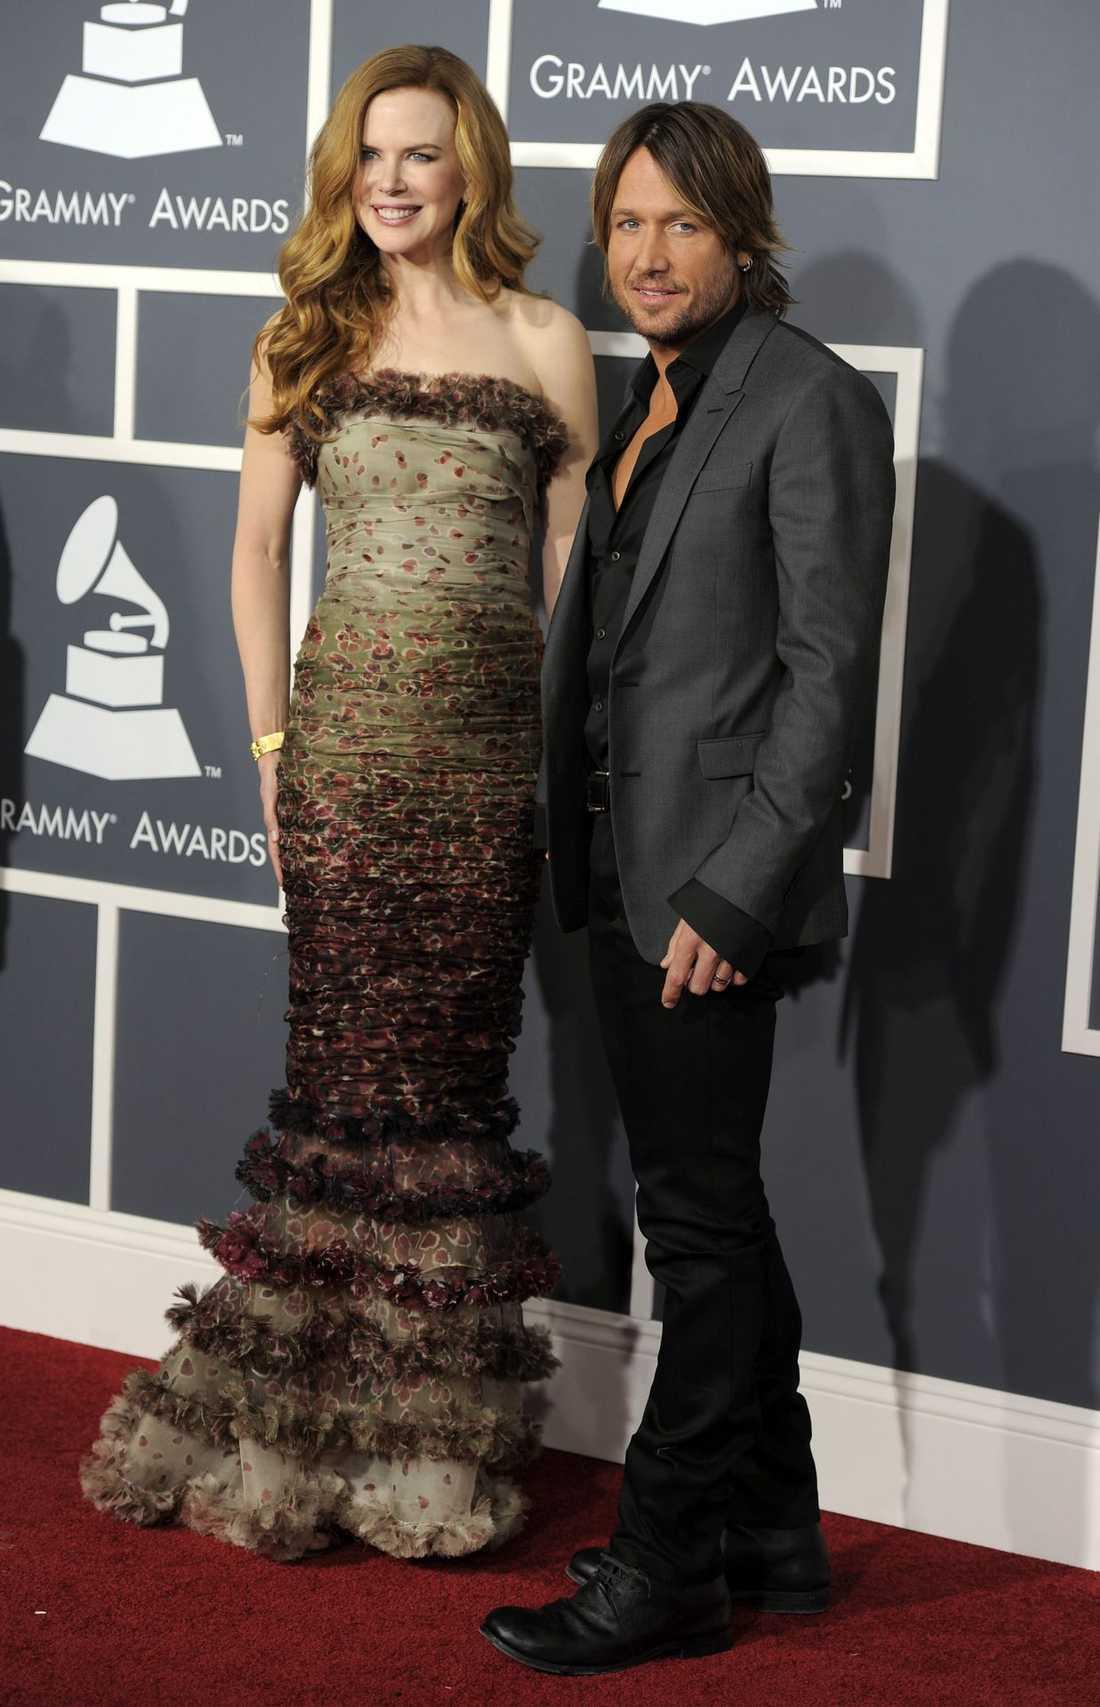 Nicole Kidman i tjusig klänning från Jean Paul Gaultier, Keith Urban satsar på en avslappnad look med uppknäppt skjorta.